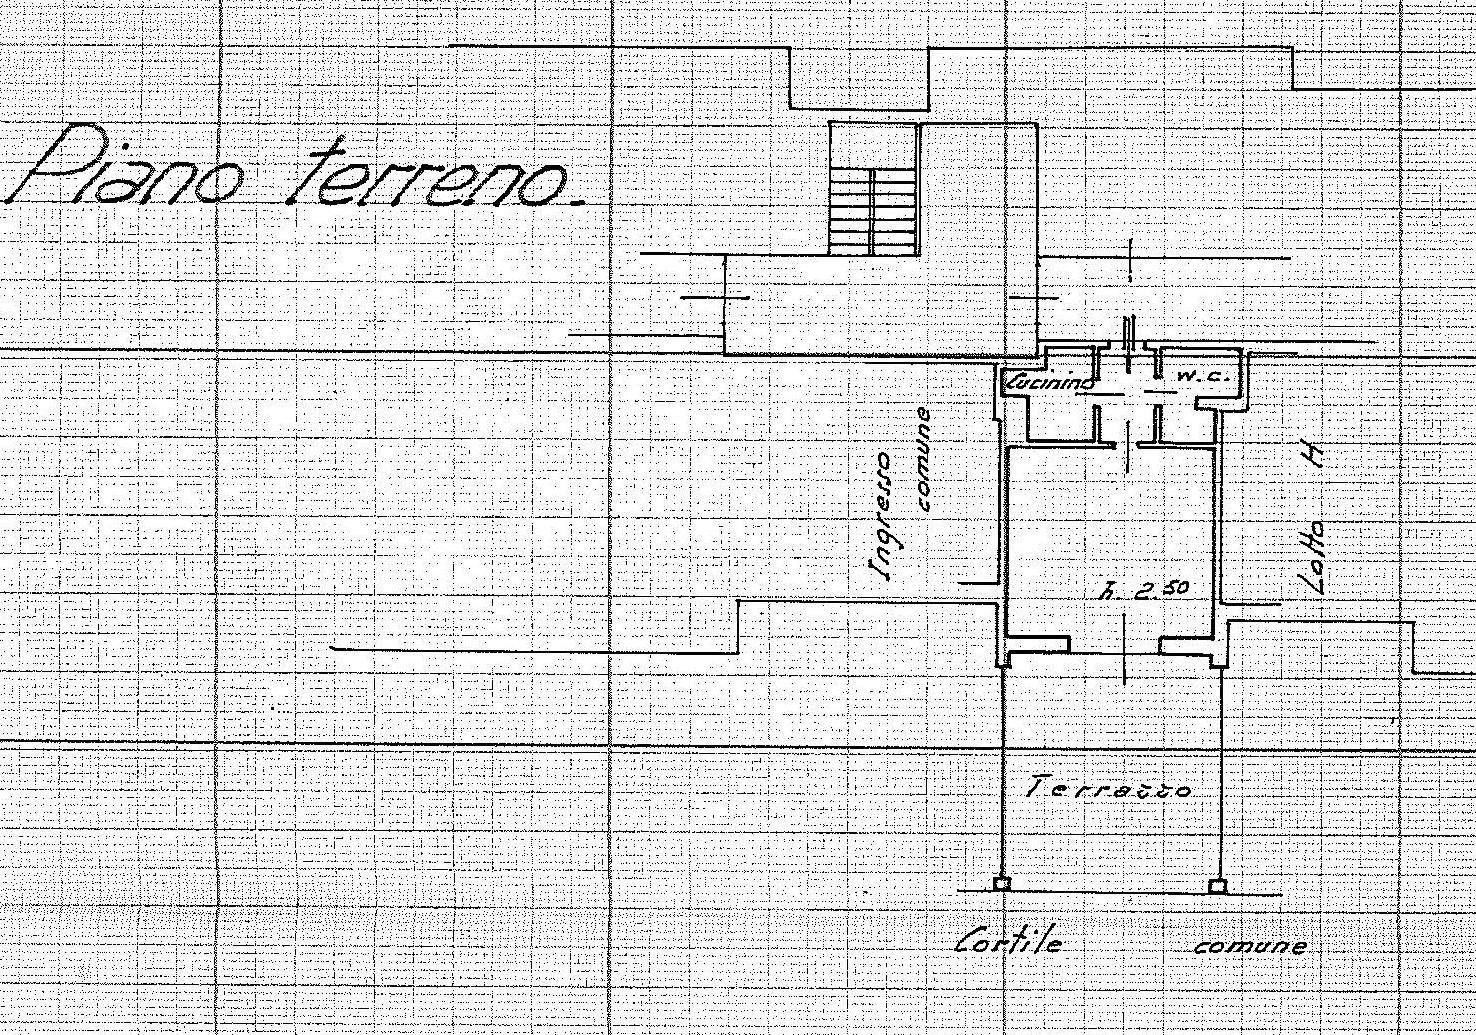 Appartamento in Vendita a Sestriere: 1 locali, 53 mq - Foto 21